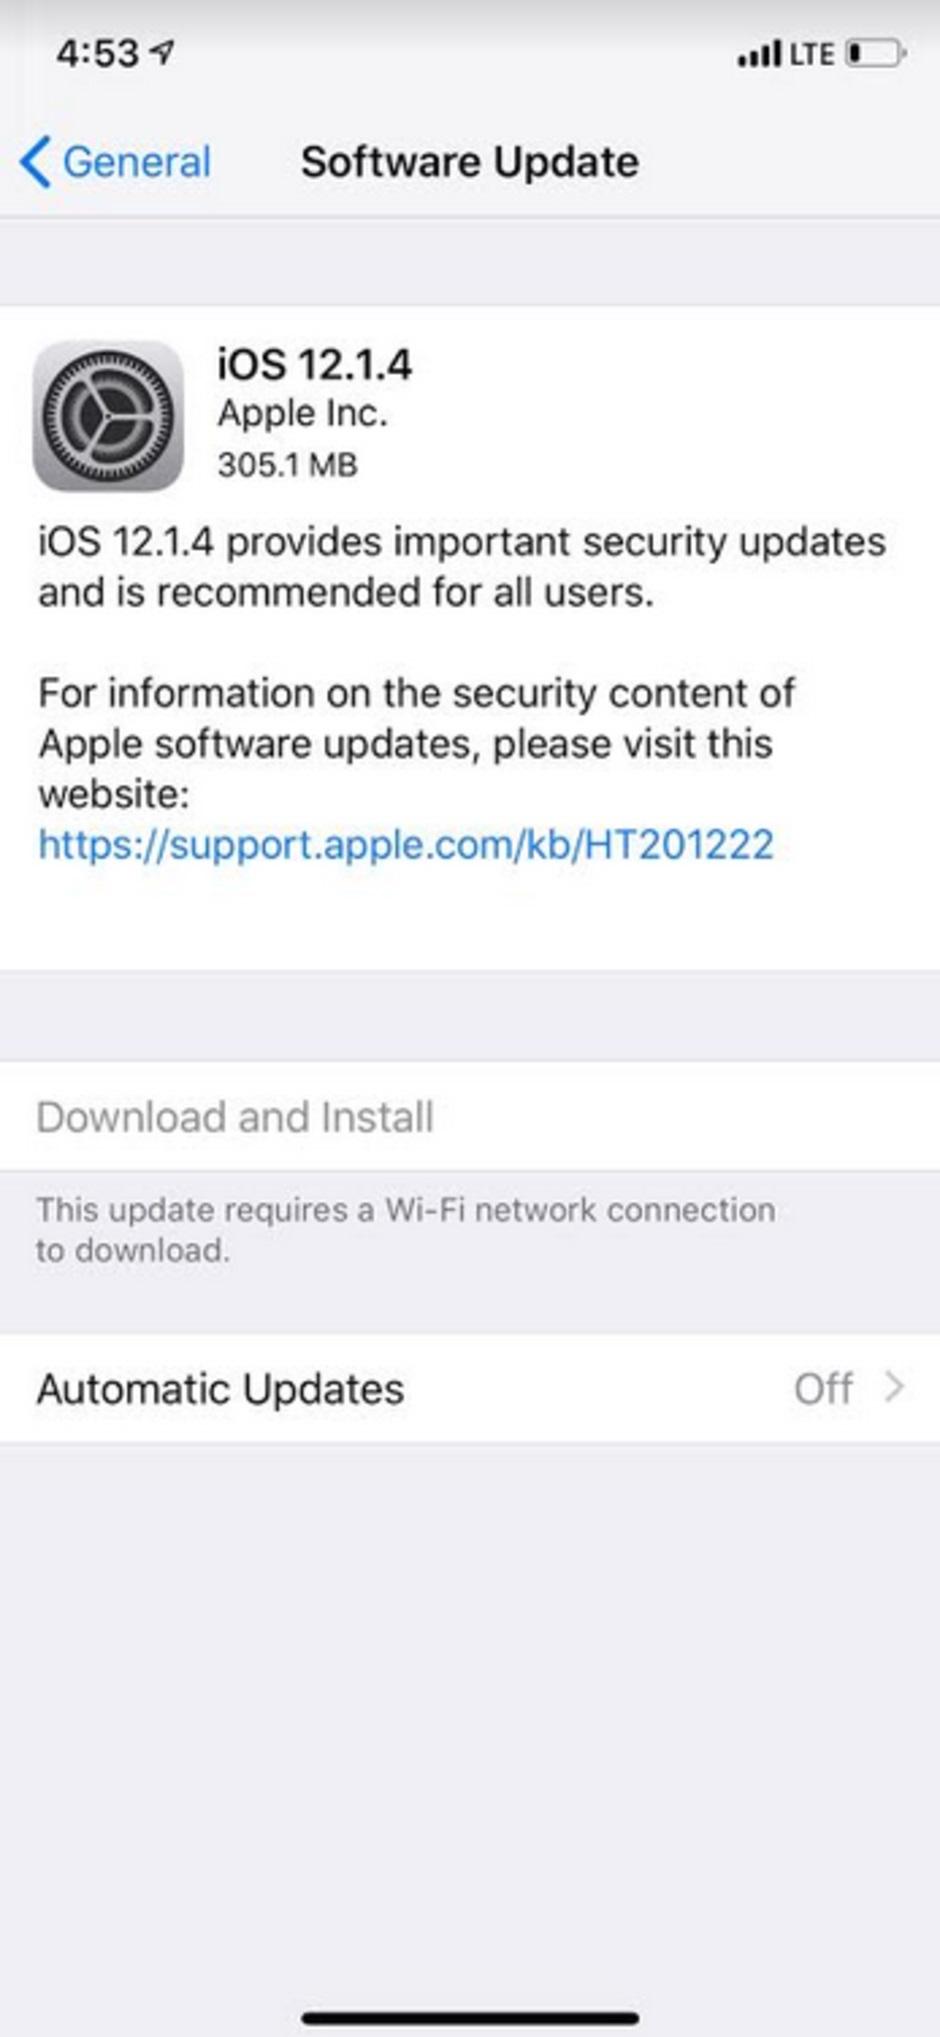 سیستم عامل iOS 12.1.4